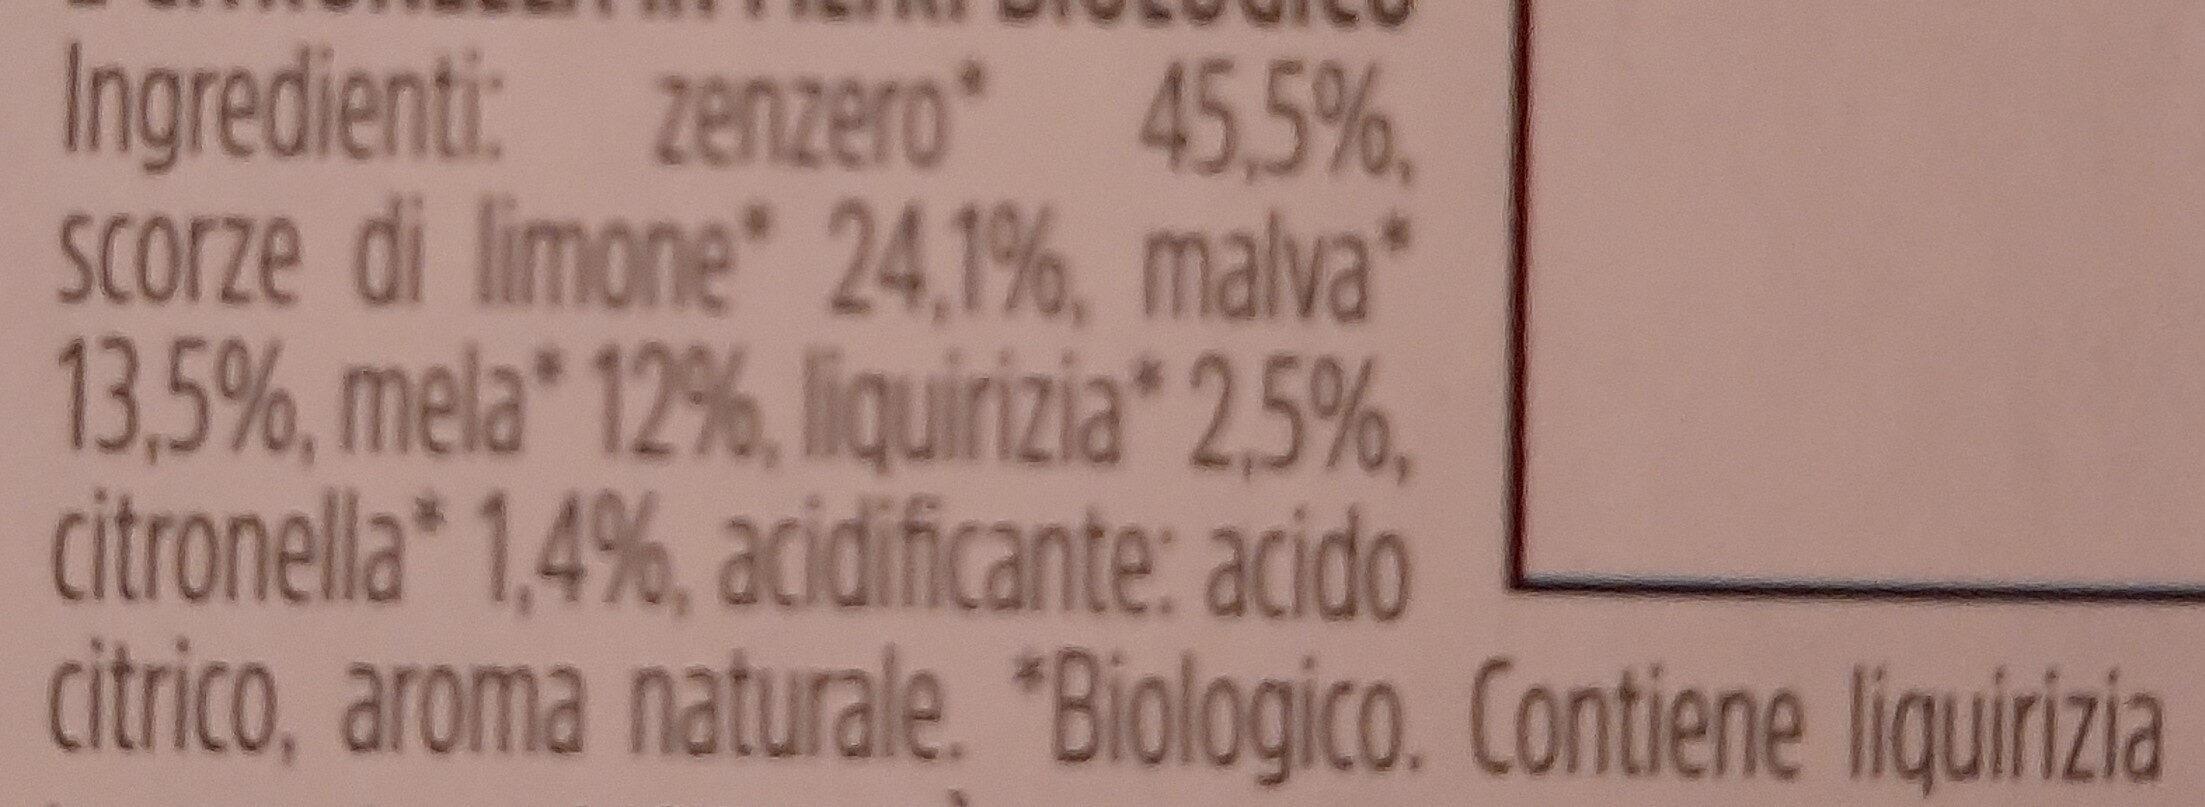 Infuso di zenzero, limone, malva, mela, liquirizia e citronella - Ingredientes - it